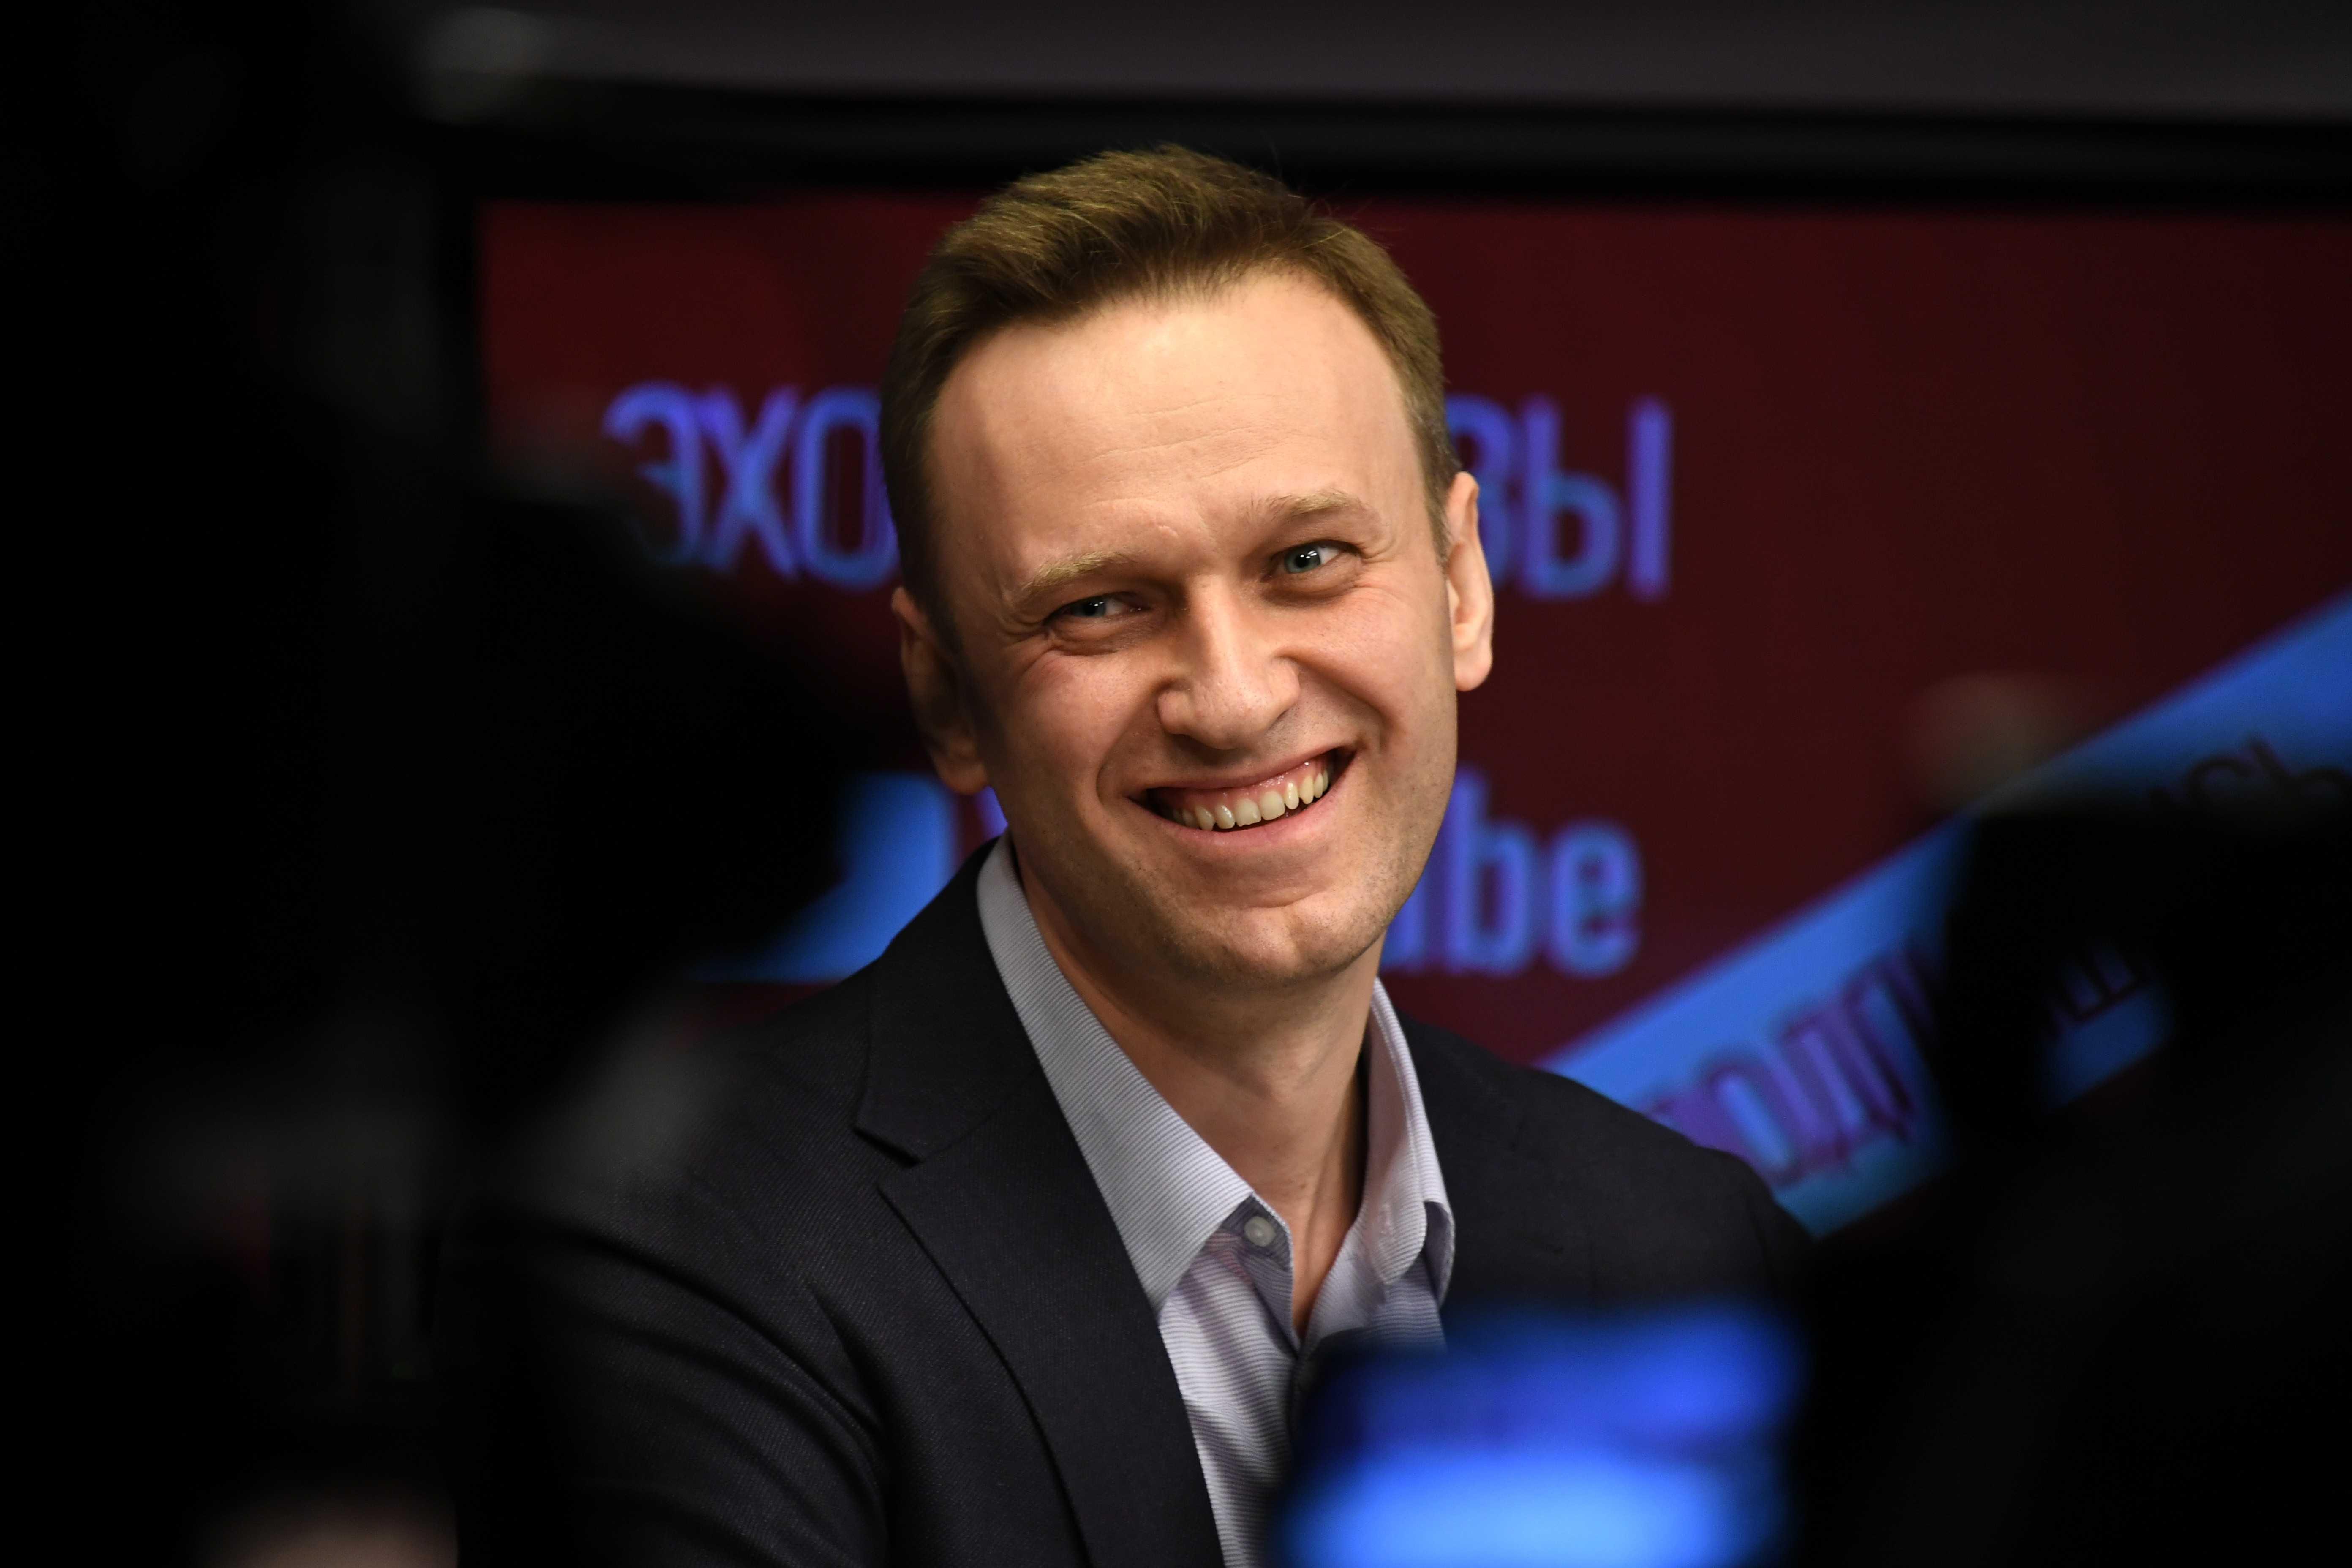 Навальный спустил 588 миллионов рублей пожертвований на отпуска и дорогое имущество